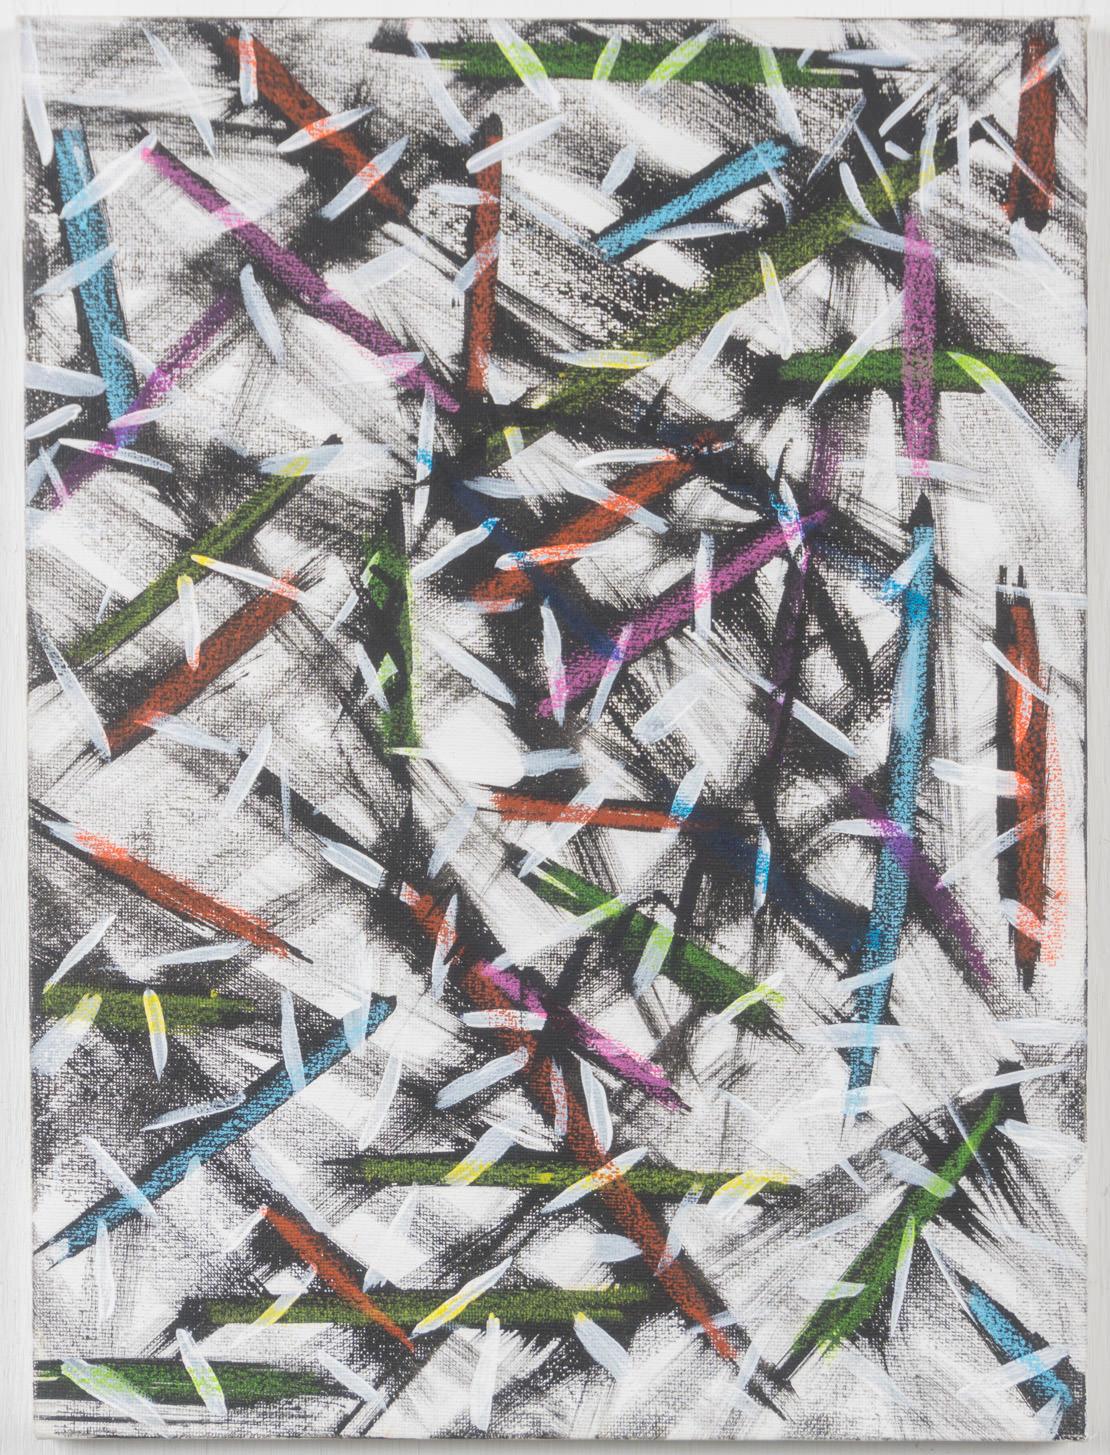 12x16 - canvas - gesso, acrylic, pastel